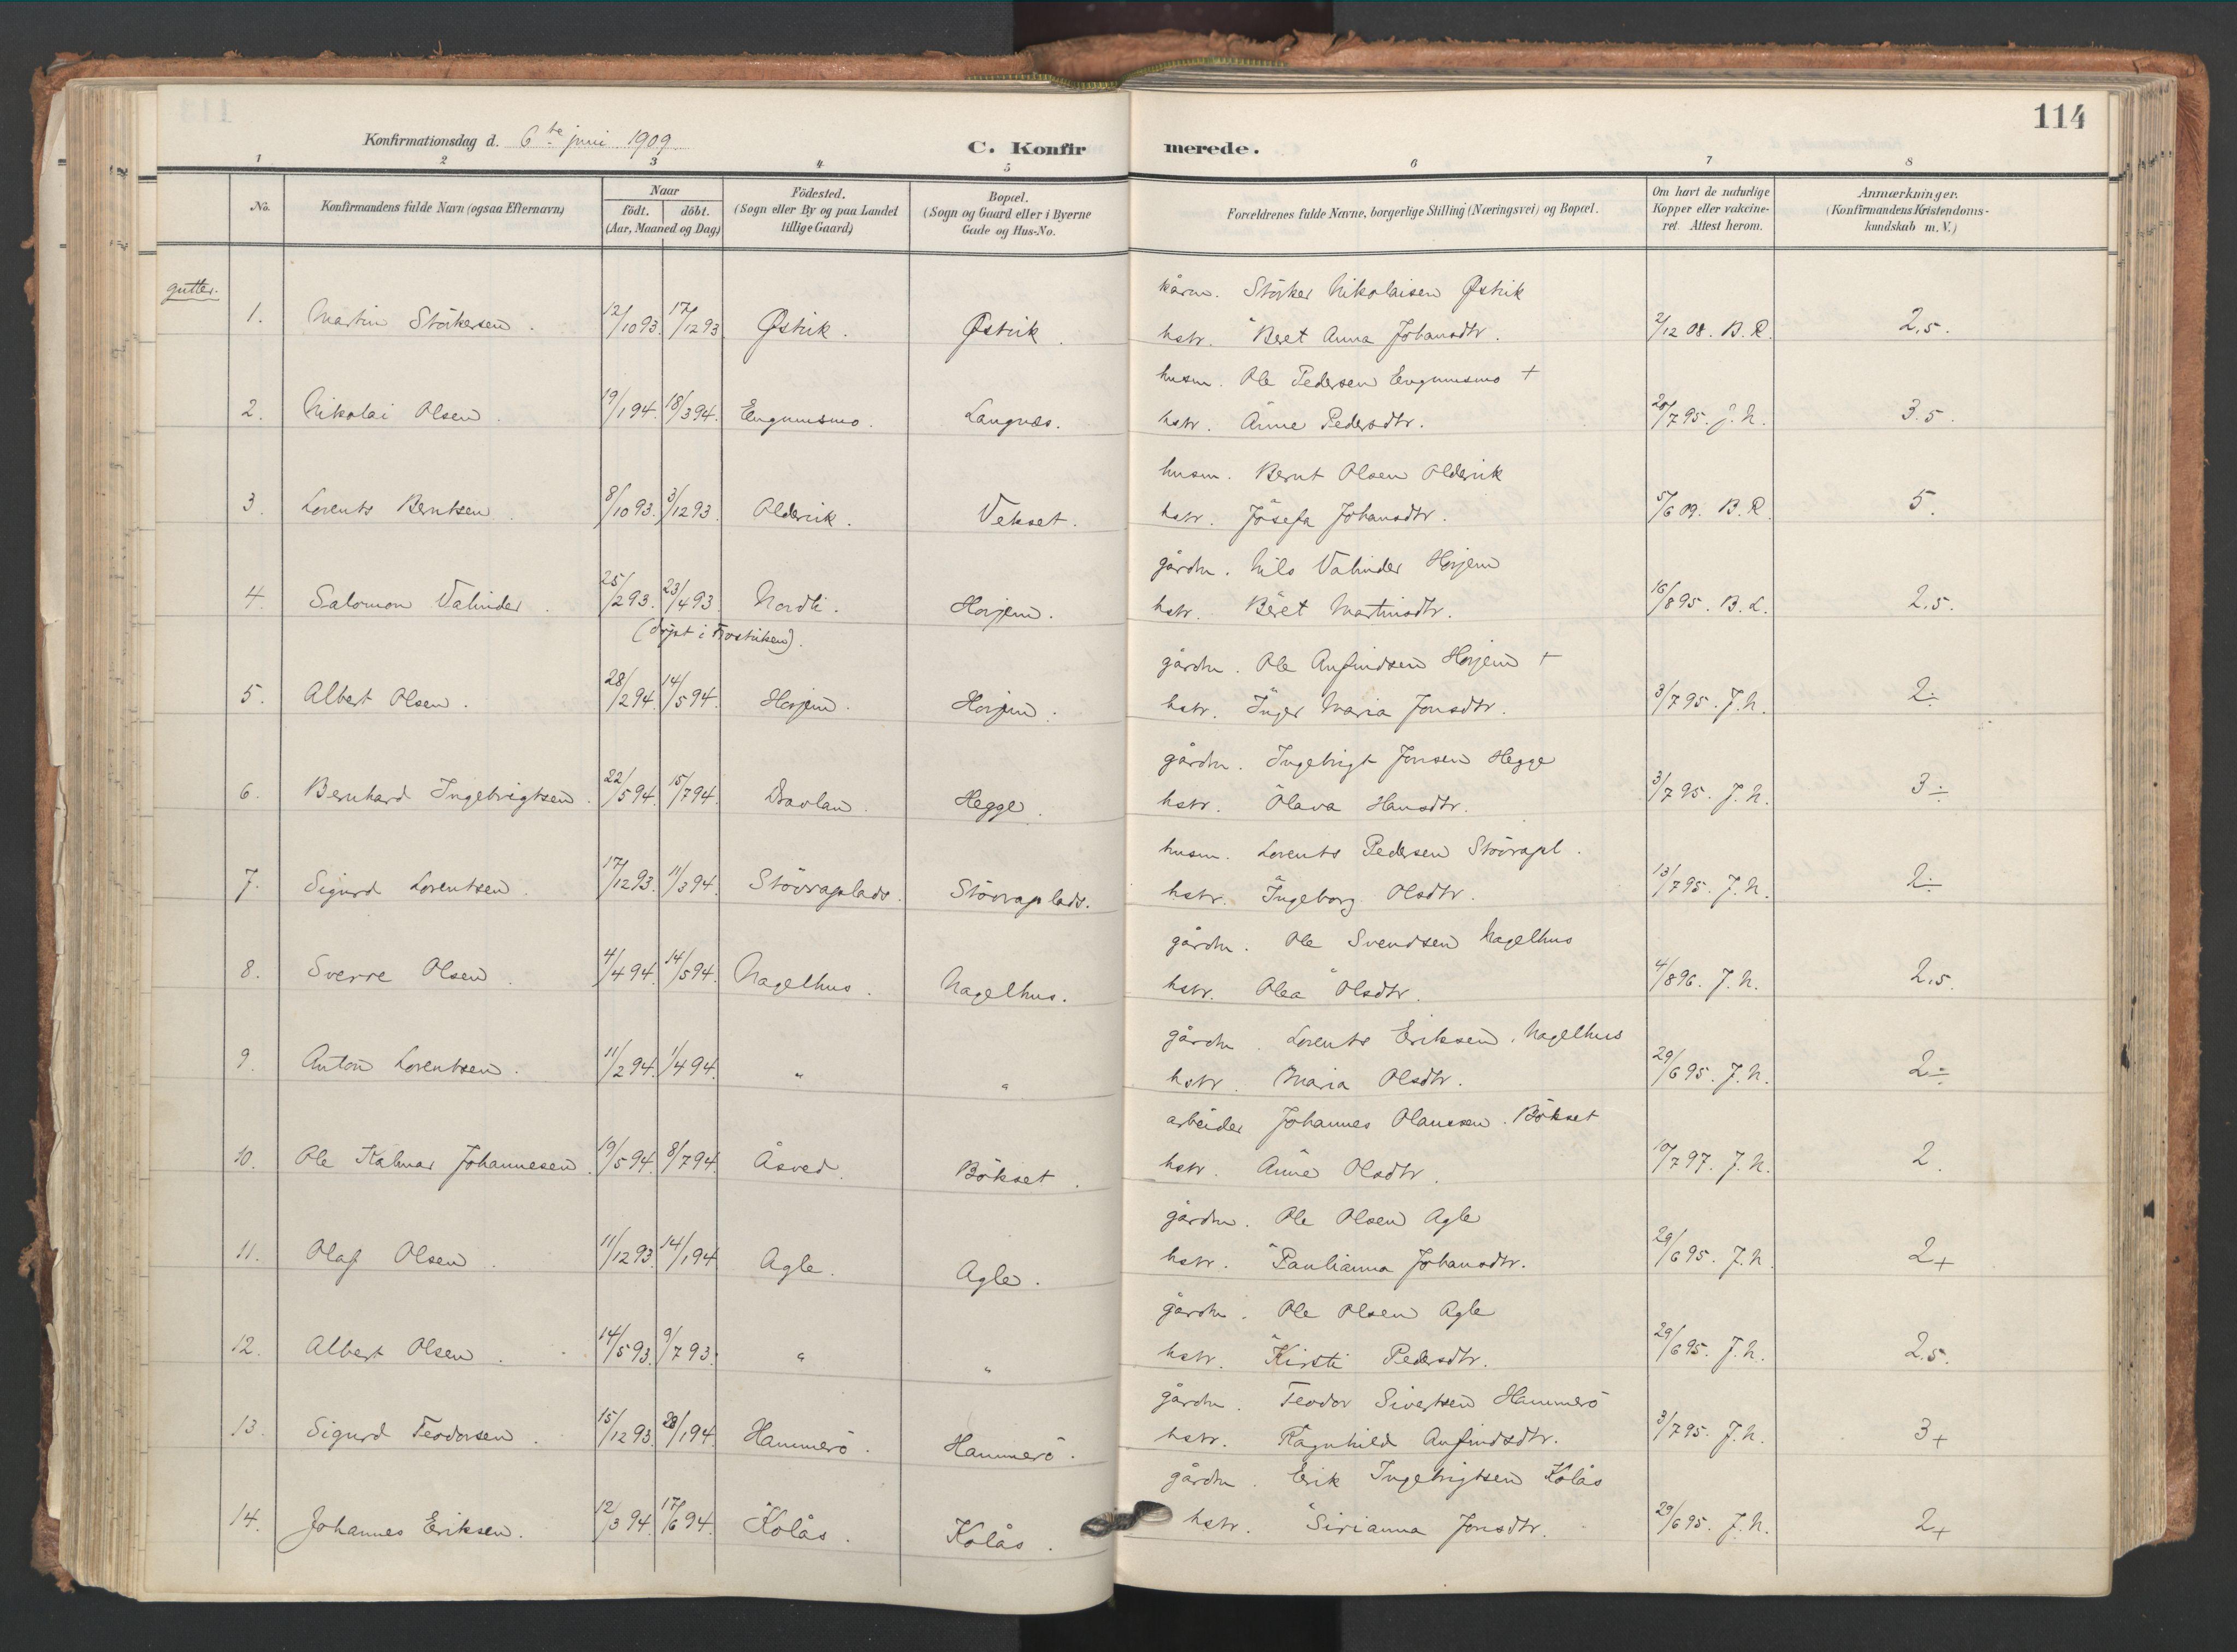 SAT, Ministerialprotokoller, klokkerbøker og fødselsregistre - Nord-Trøndelag, 749/L0477: Ministerialbok nr. 749A11, 1902-1927, s. 114